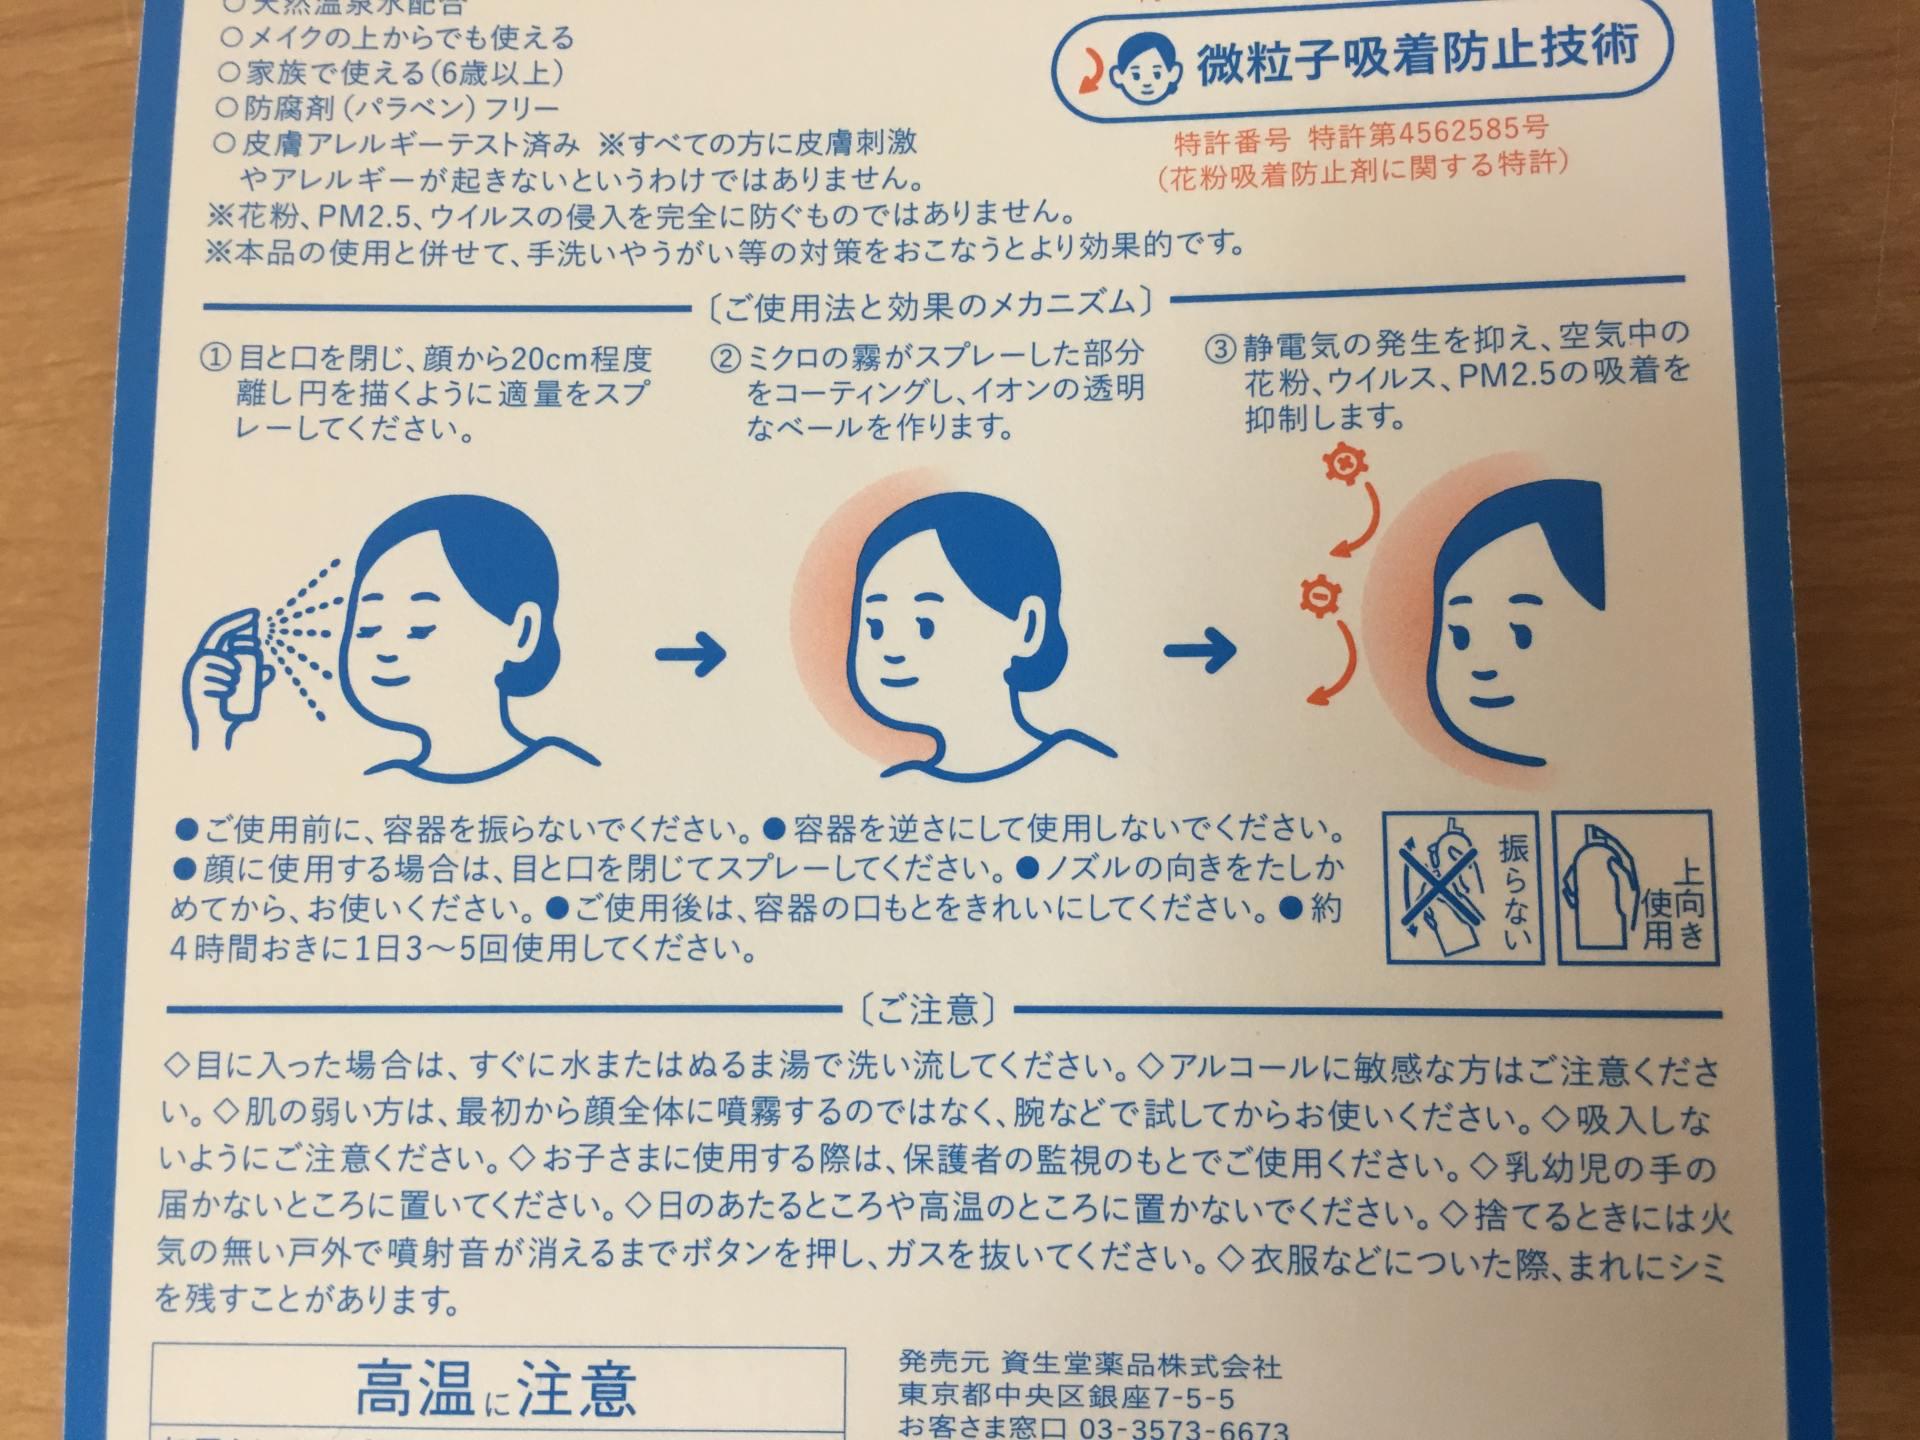 Chị em chú ý: Tránh mua nhầm sản phẩm xịt dị ứng phấn hoa xách tay Nhật Bản để chống virus Corona - Ảnh 5.